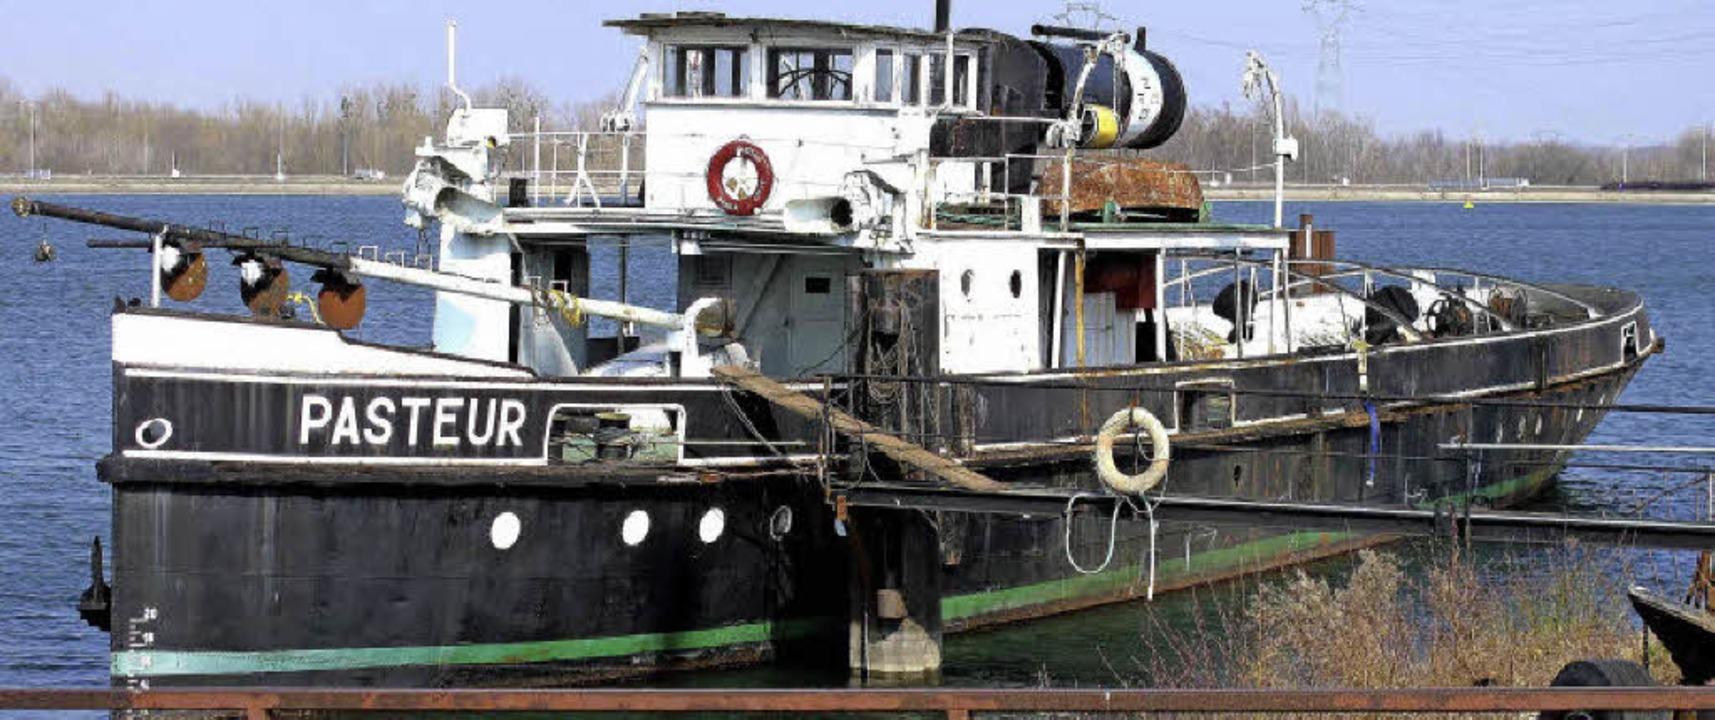 Louis Pasteur 99 Jahre altes Dampfschiff, das in Rheinau verschrottet wird  | Foto: Hermann Kiefer